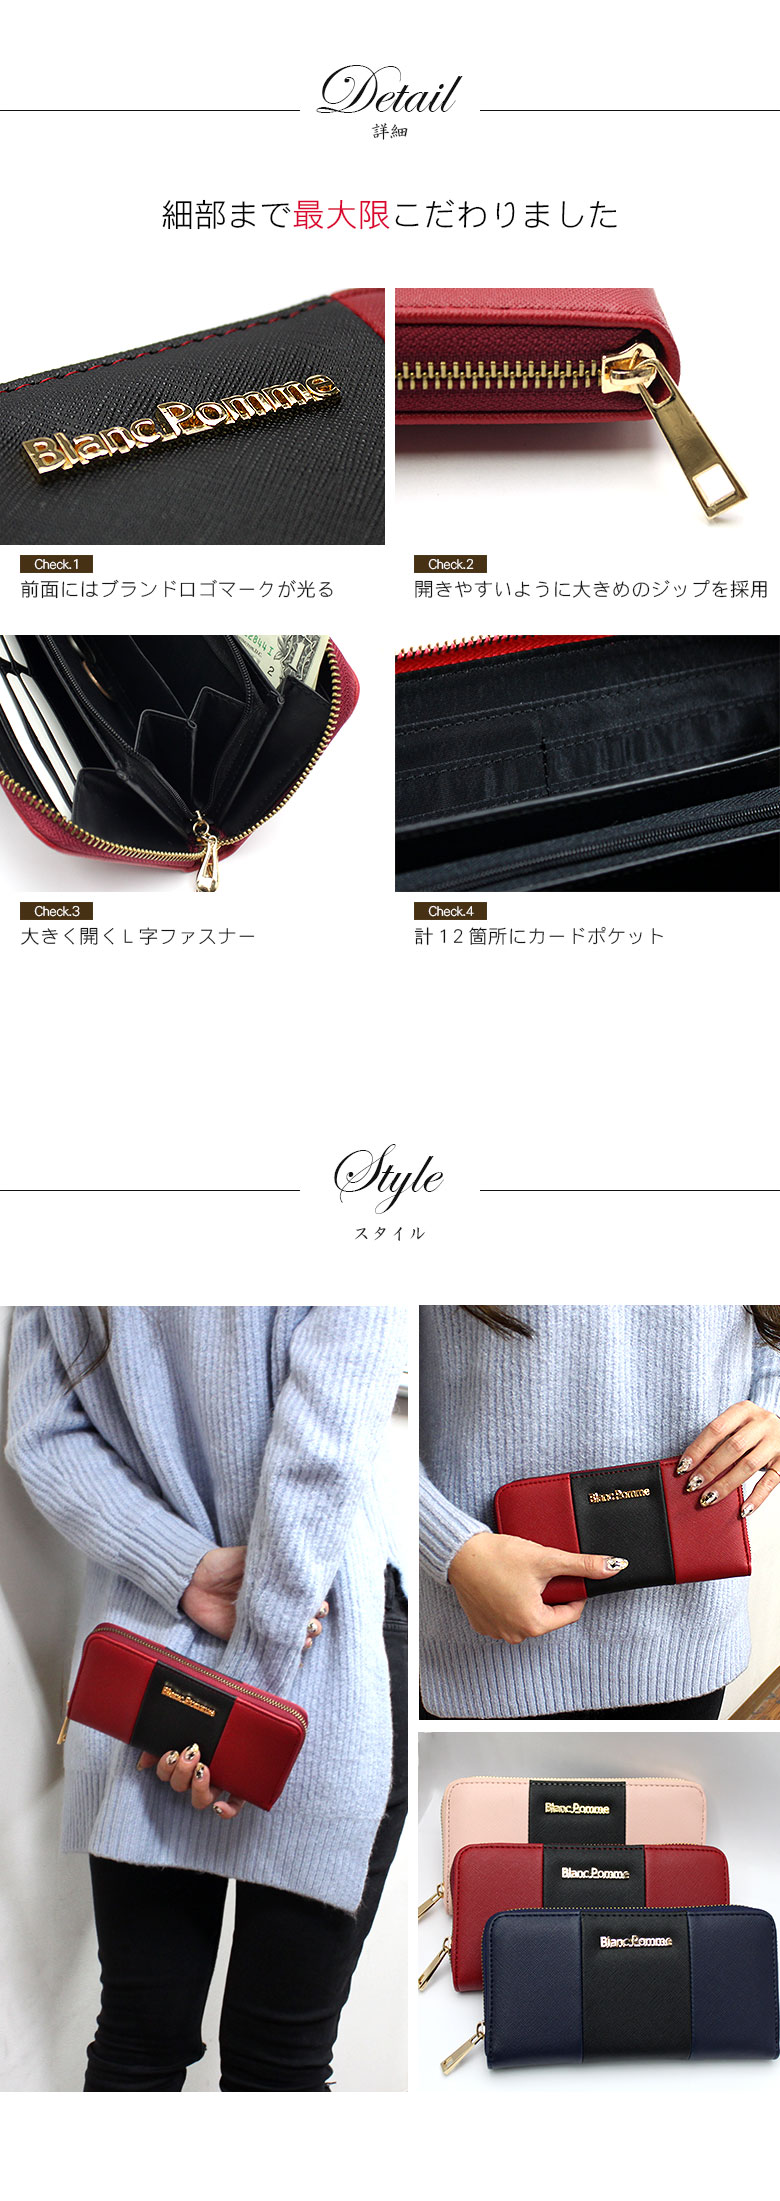 財布 通販 バイカラー ロングウォレット3色展開 合成皮革